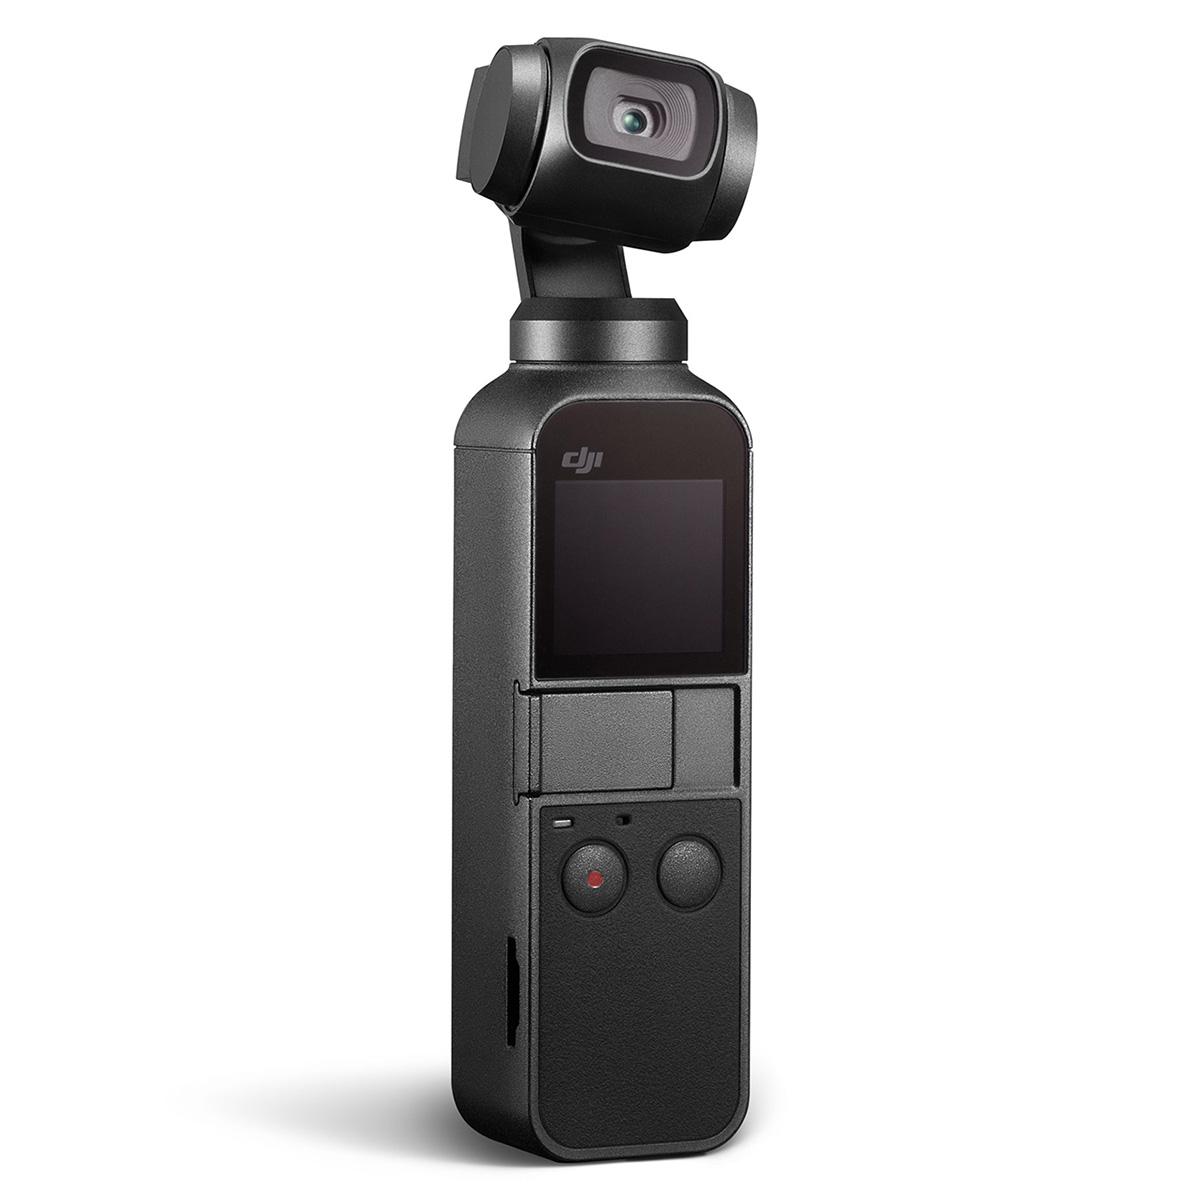 《新品》DJI Osmo Pocket 高精度スタビライザー付き小型4Kカメラ